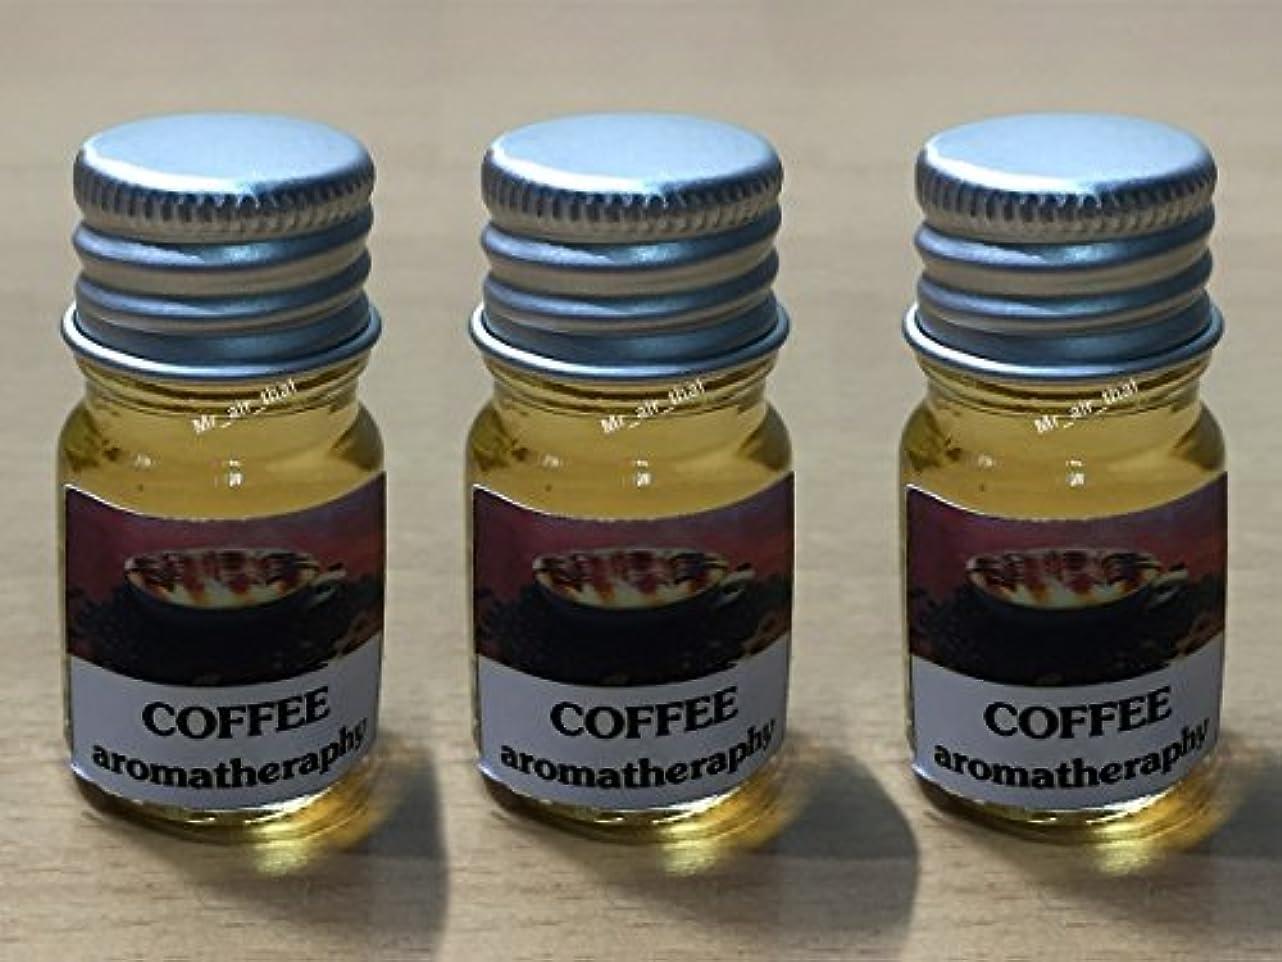 3個セット 5ミリリットルアロマコーヒーフランクインセンスエッセンシャルオイルボトルアロマテラピーオイル自然自然 3PC 5ml Aroma Coffee Frankincense Essential Oil Bottles...